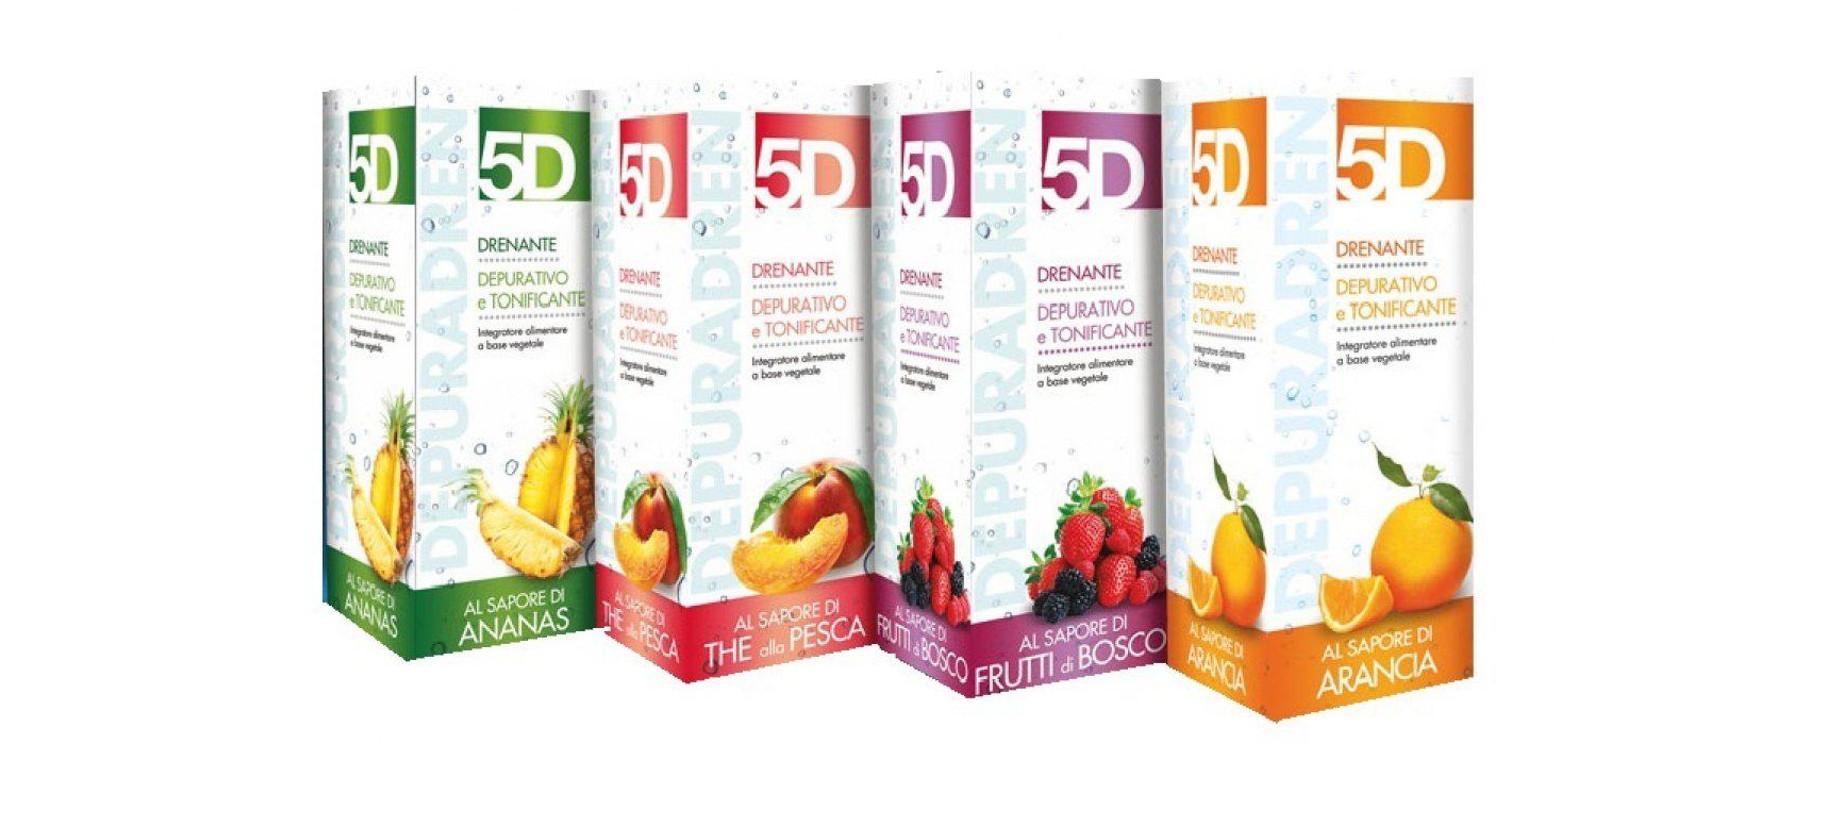 5d-benefit-farmacia-delogu-sassari-promozioni